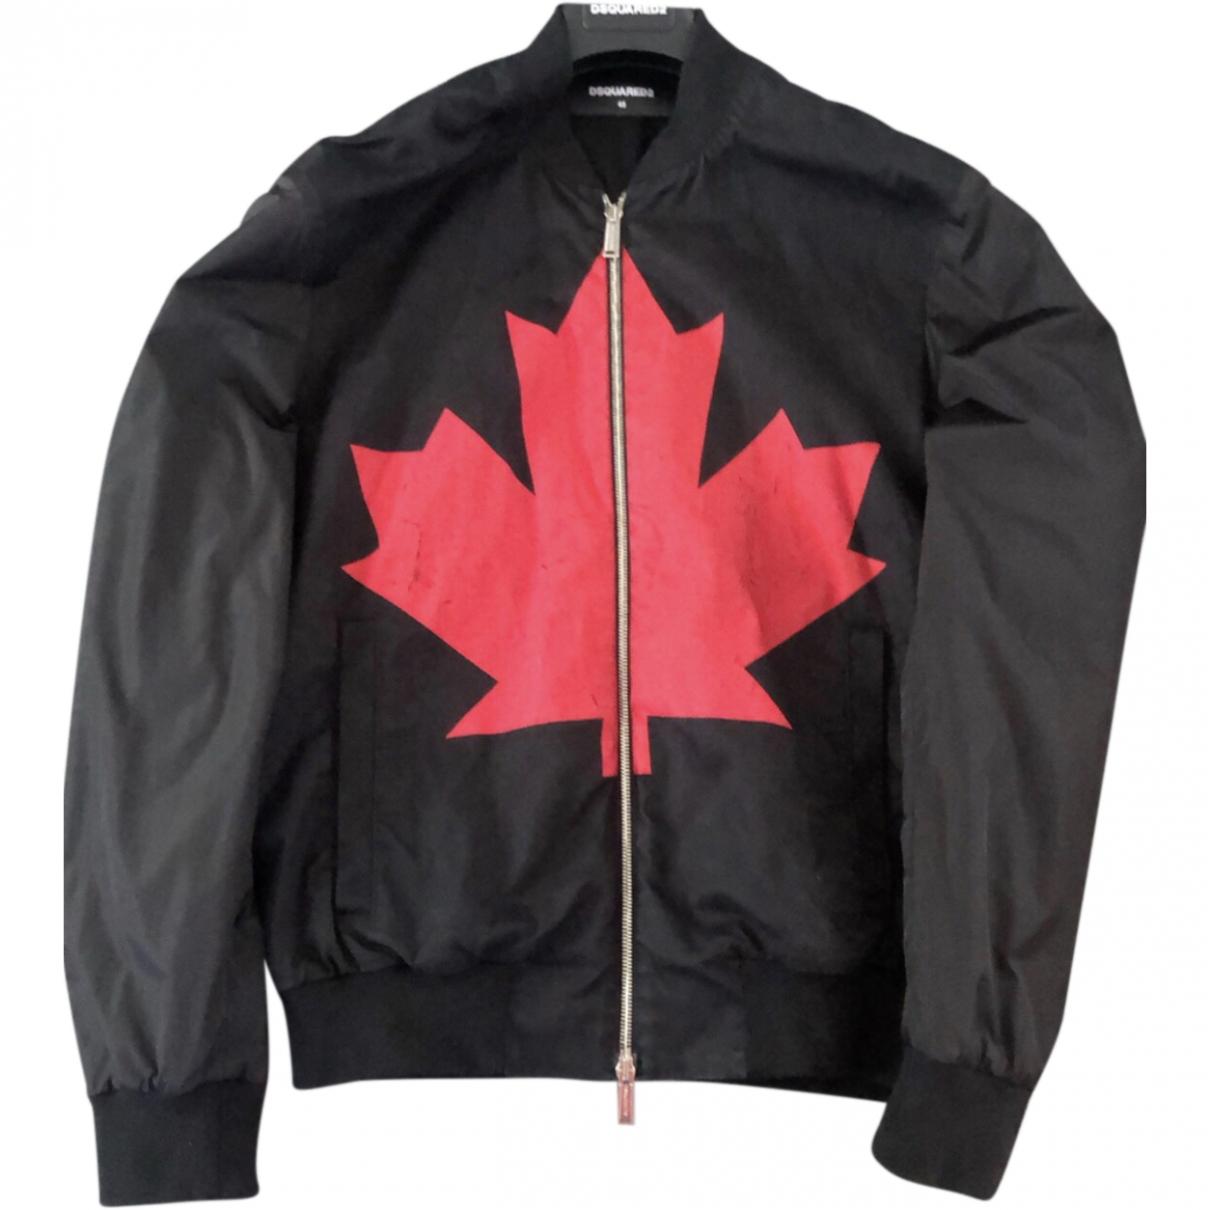 Dsquared2 \N Black Cotton jacket  for Men M International